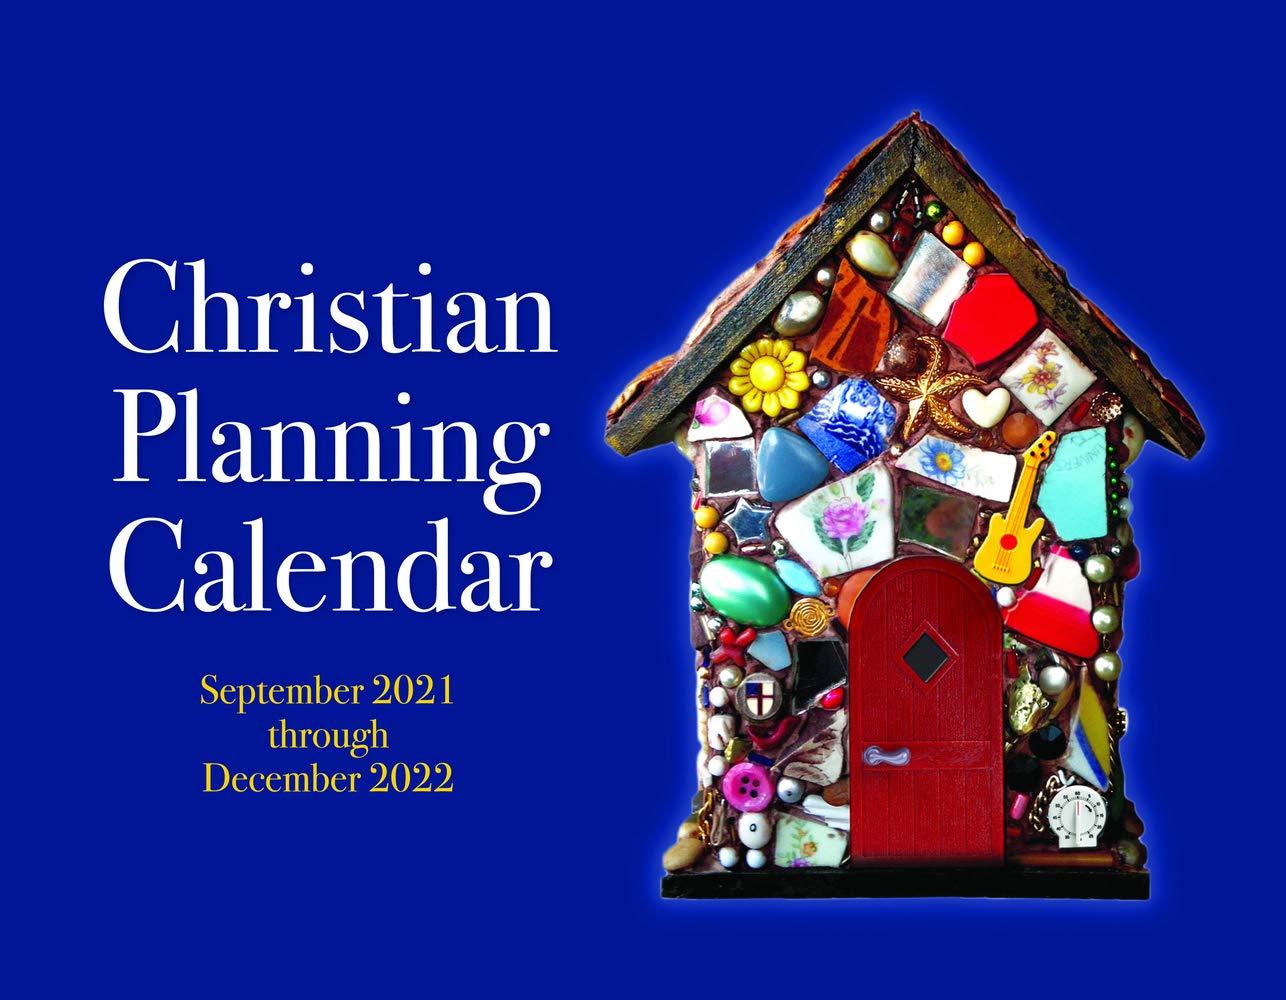 2022 Christian Calendar.2022 Christian Planning Calendar 16 Months September 2021 Through December 2022 Morehouse Church Supplies 9781640653917 Amazon Com Books